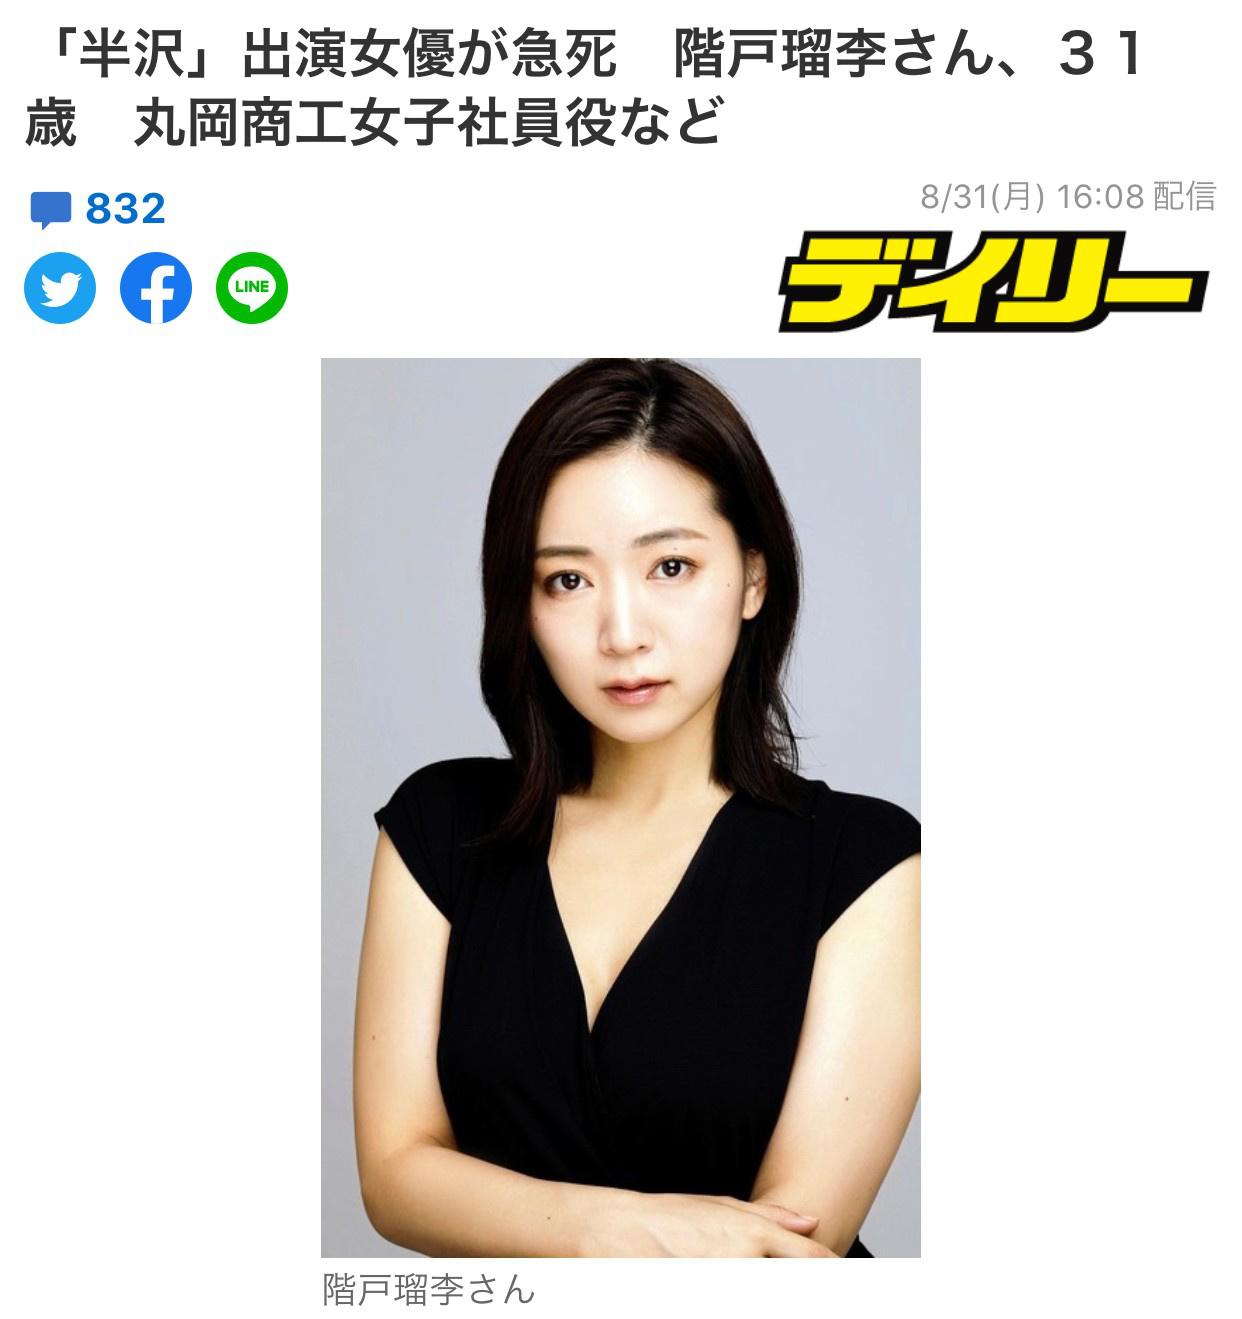 皇冠官网平台:日本女演员阶户瑠李去世 曾出演《半泽直树2》 第1张